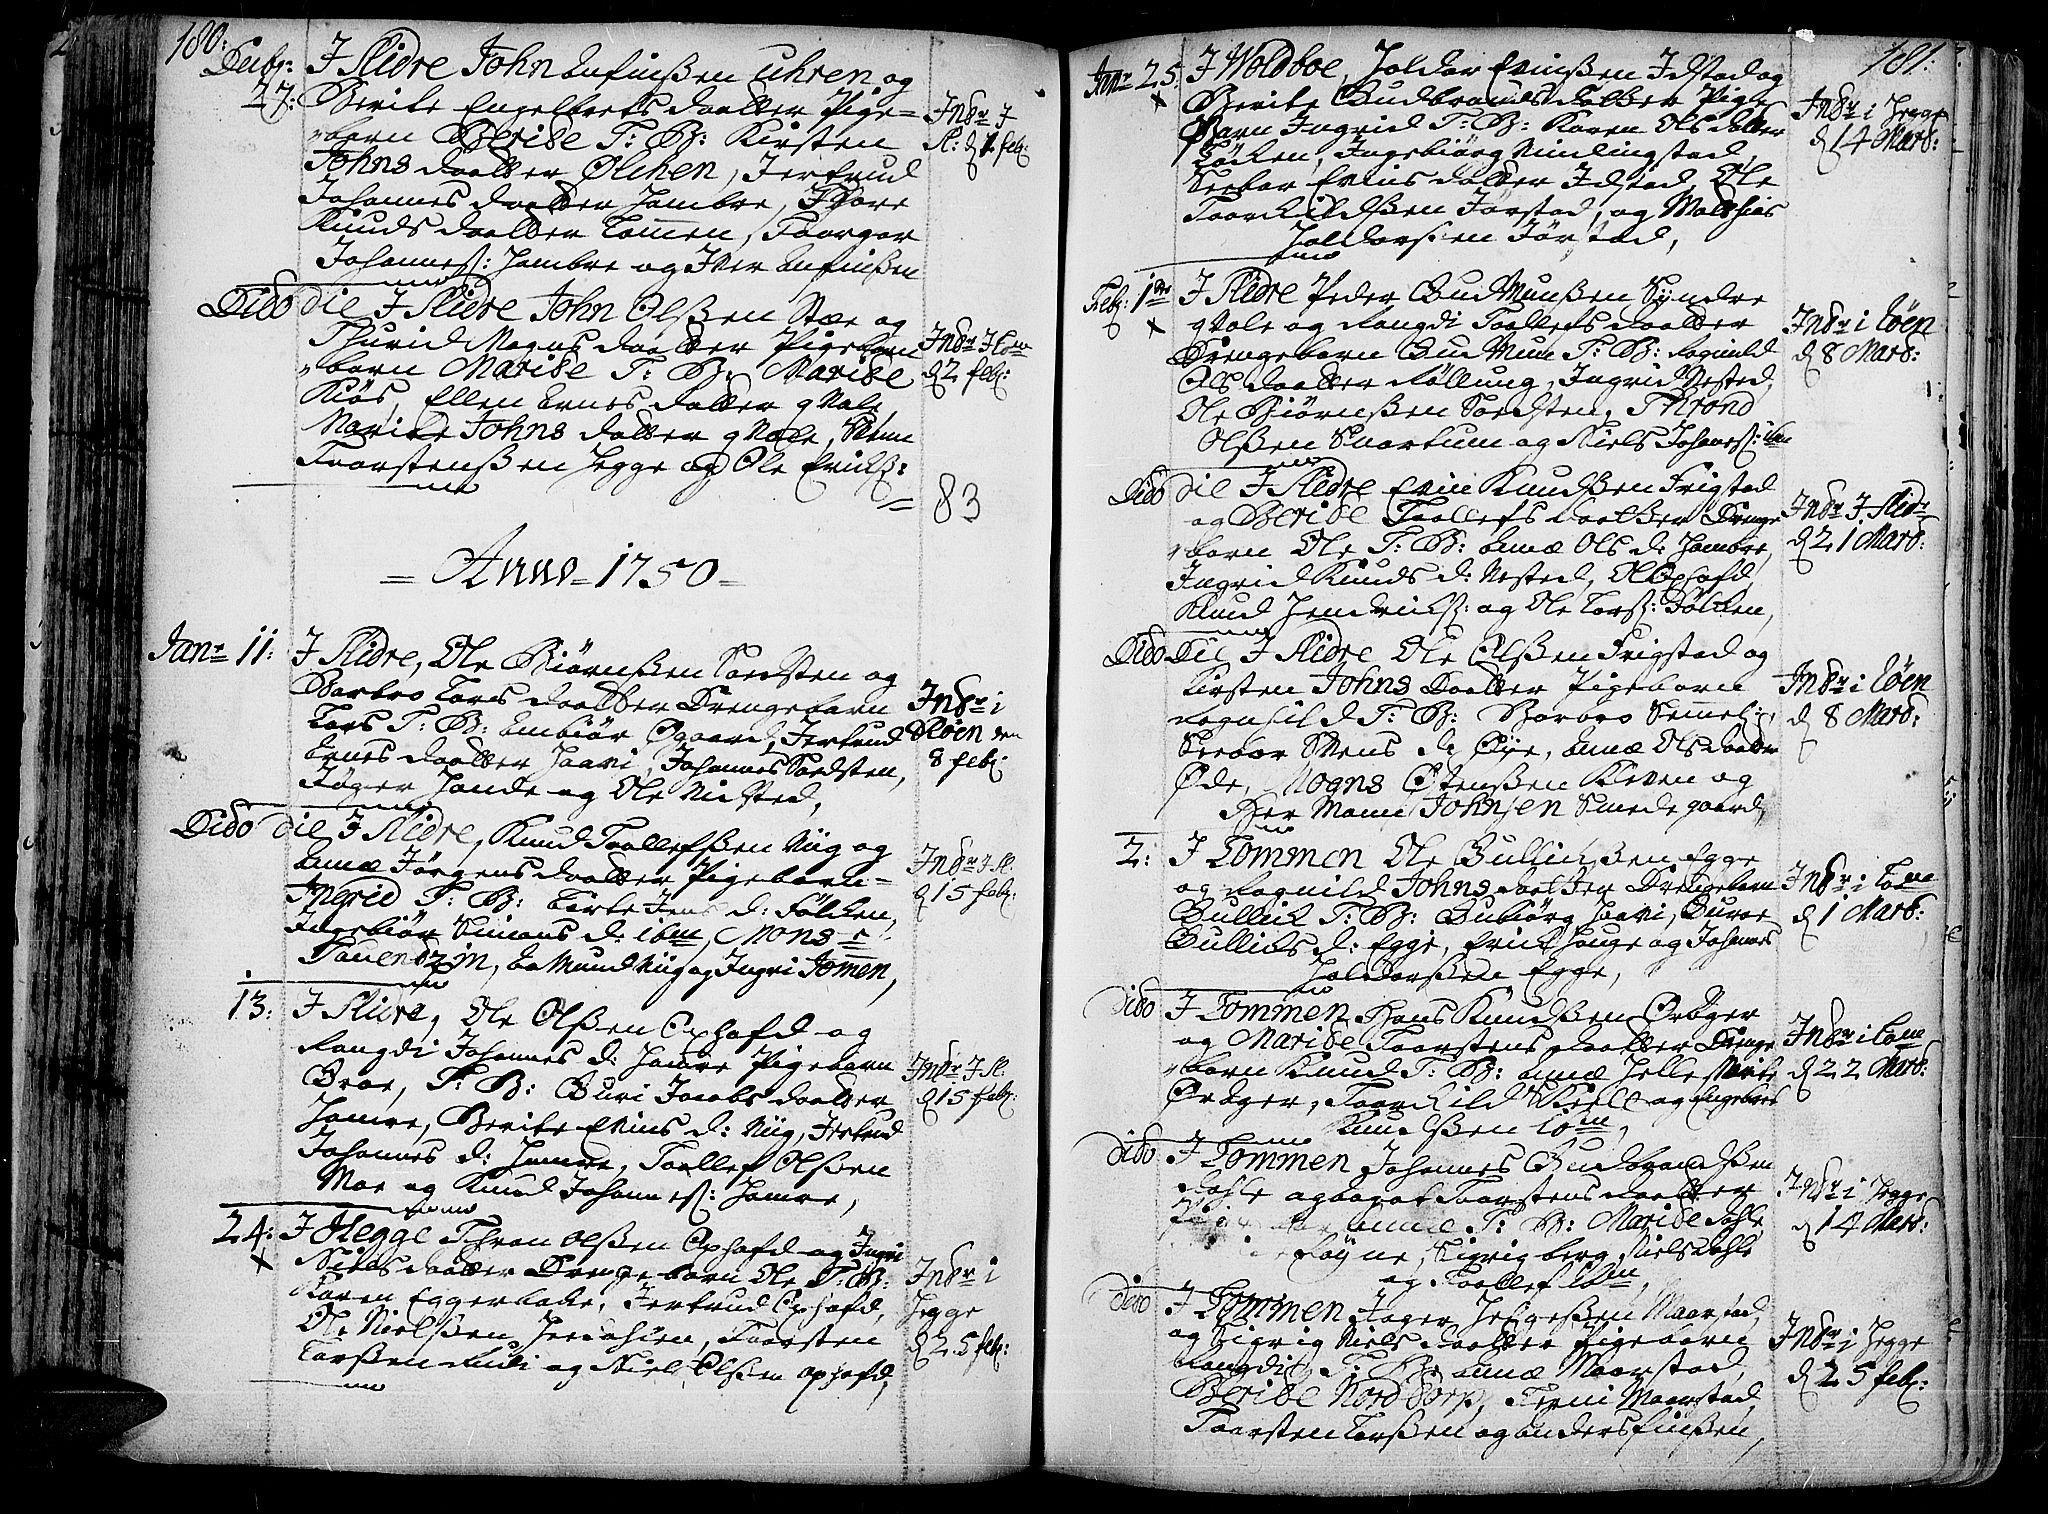 SAH, Slidre prestekontor, Ministerialbok nr. 1, 1724-1814, s. 180-181